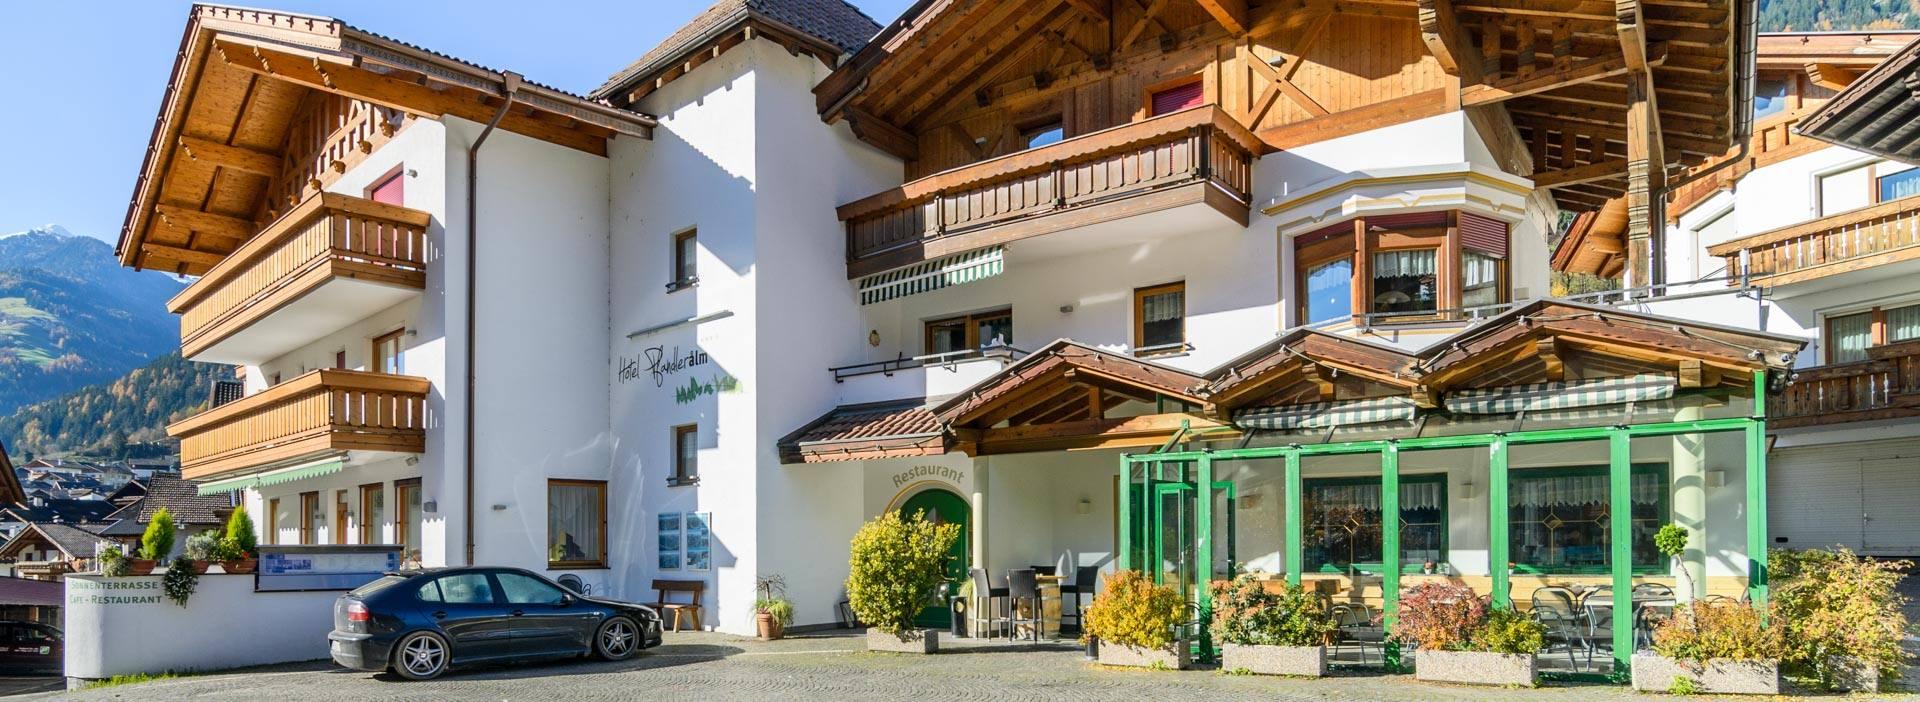 Hotel Restaurant Pfandleralm